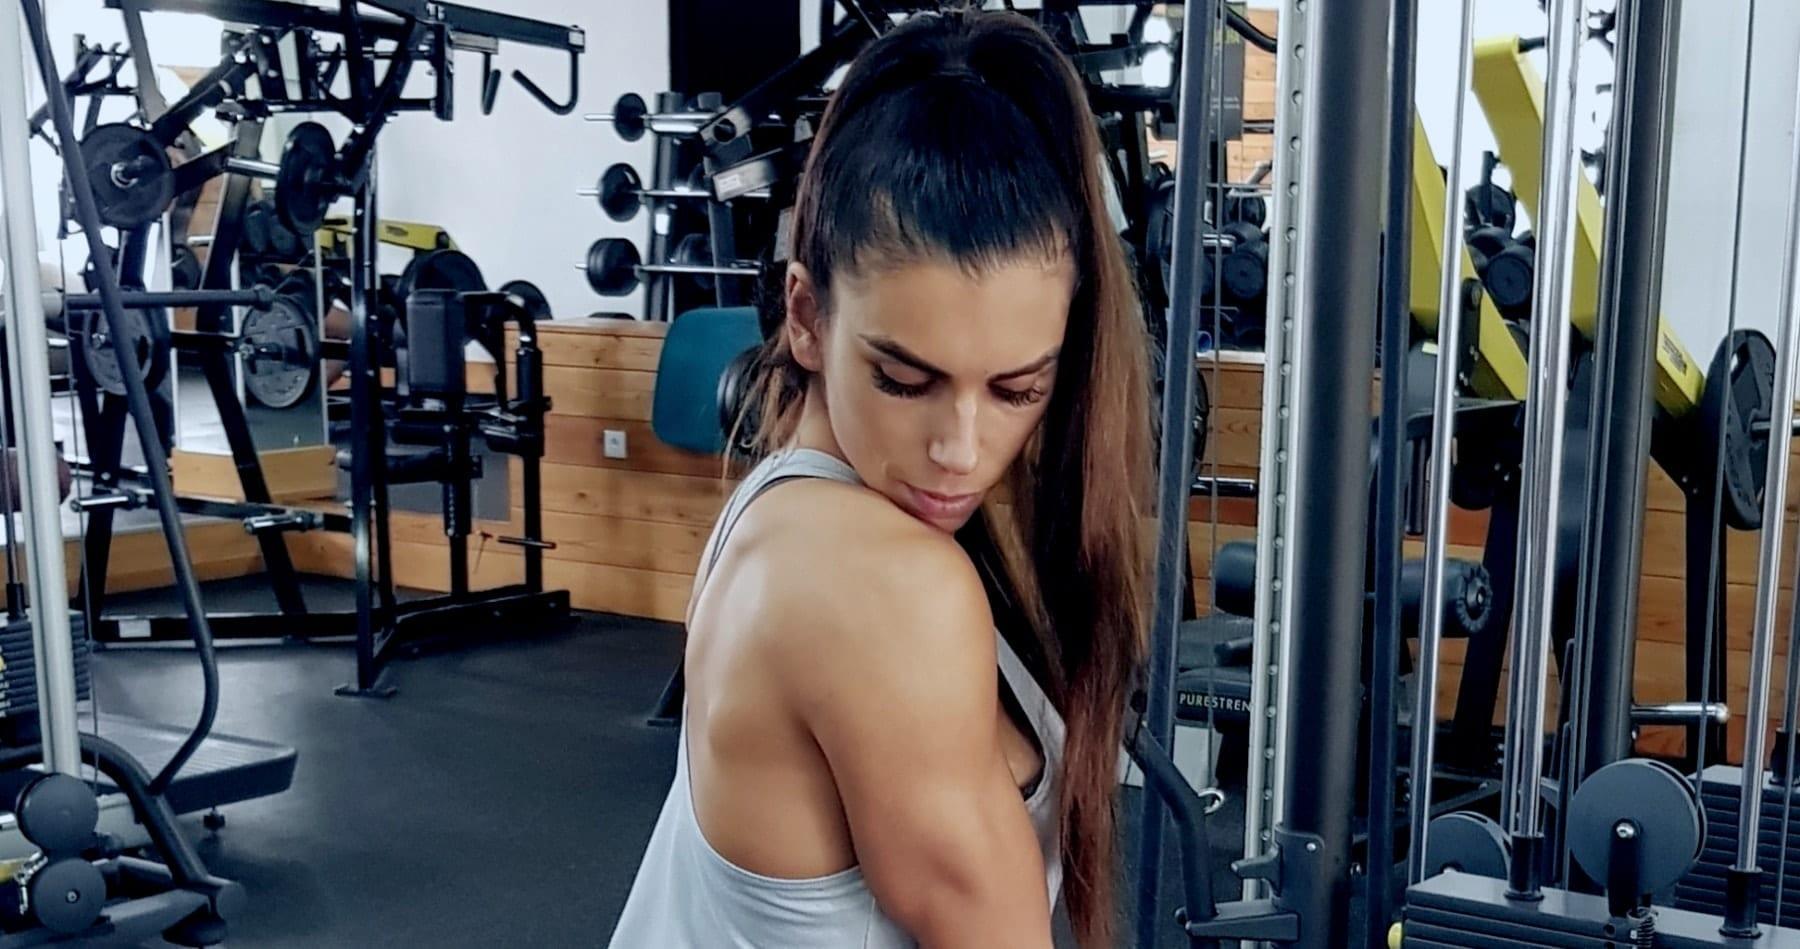 Historias inspiradoras de atletas Myprotein | Tatiana Costa